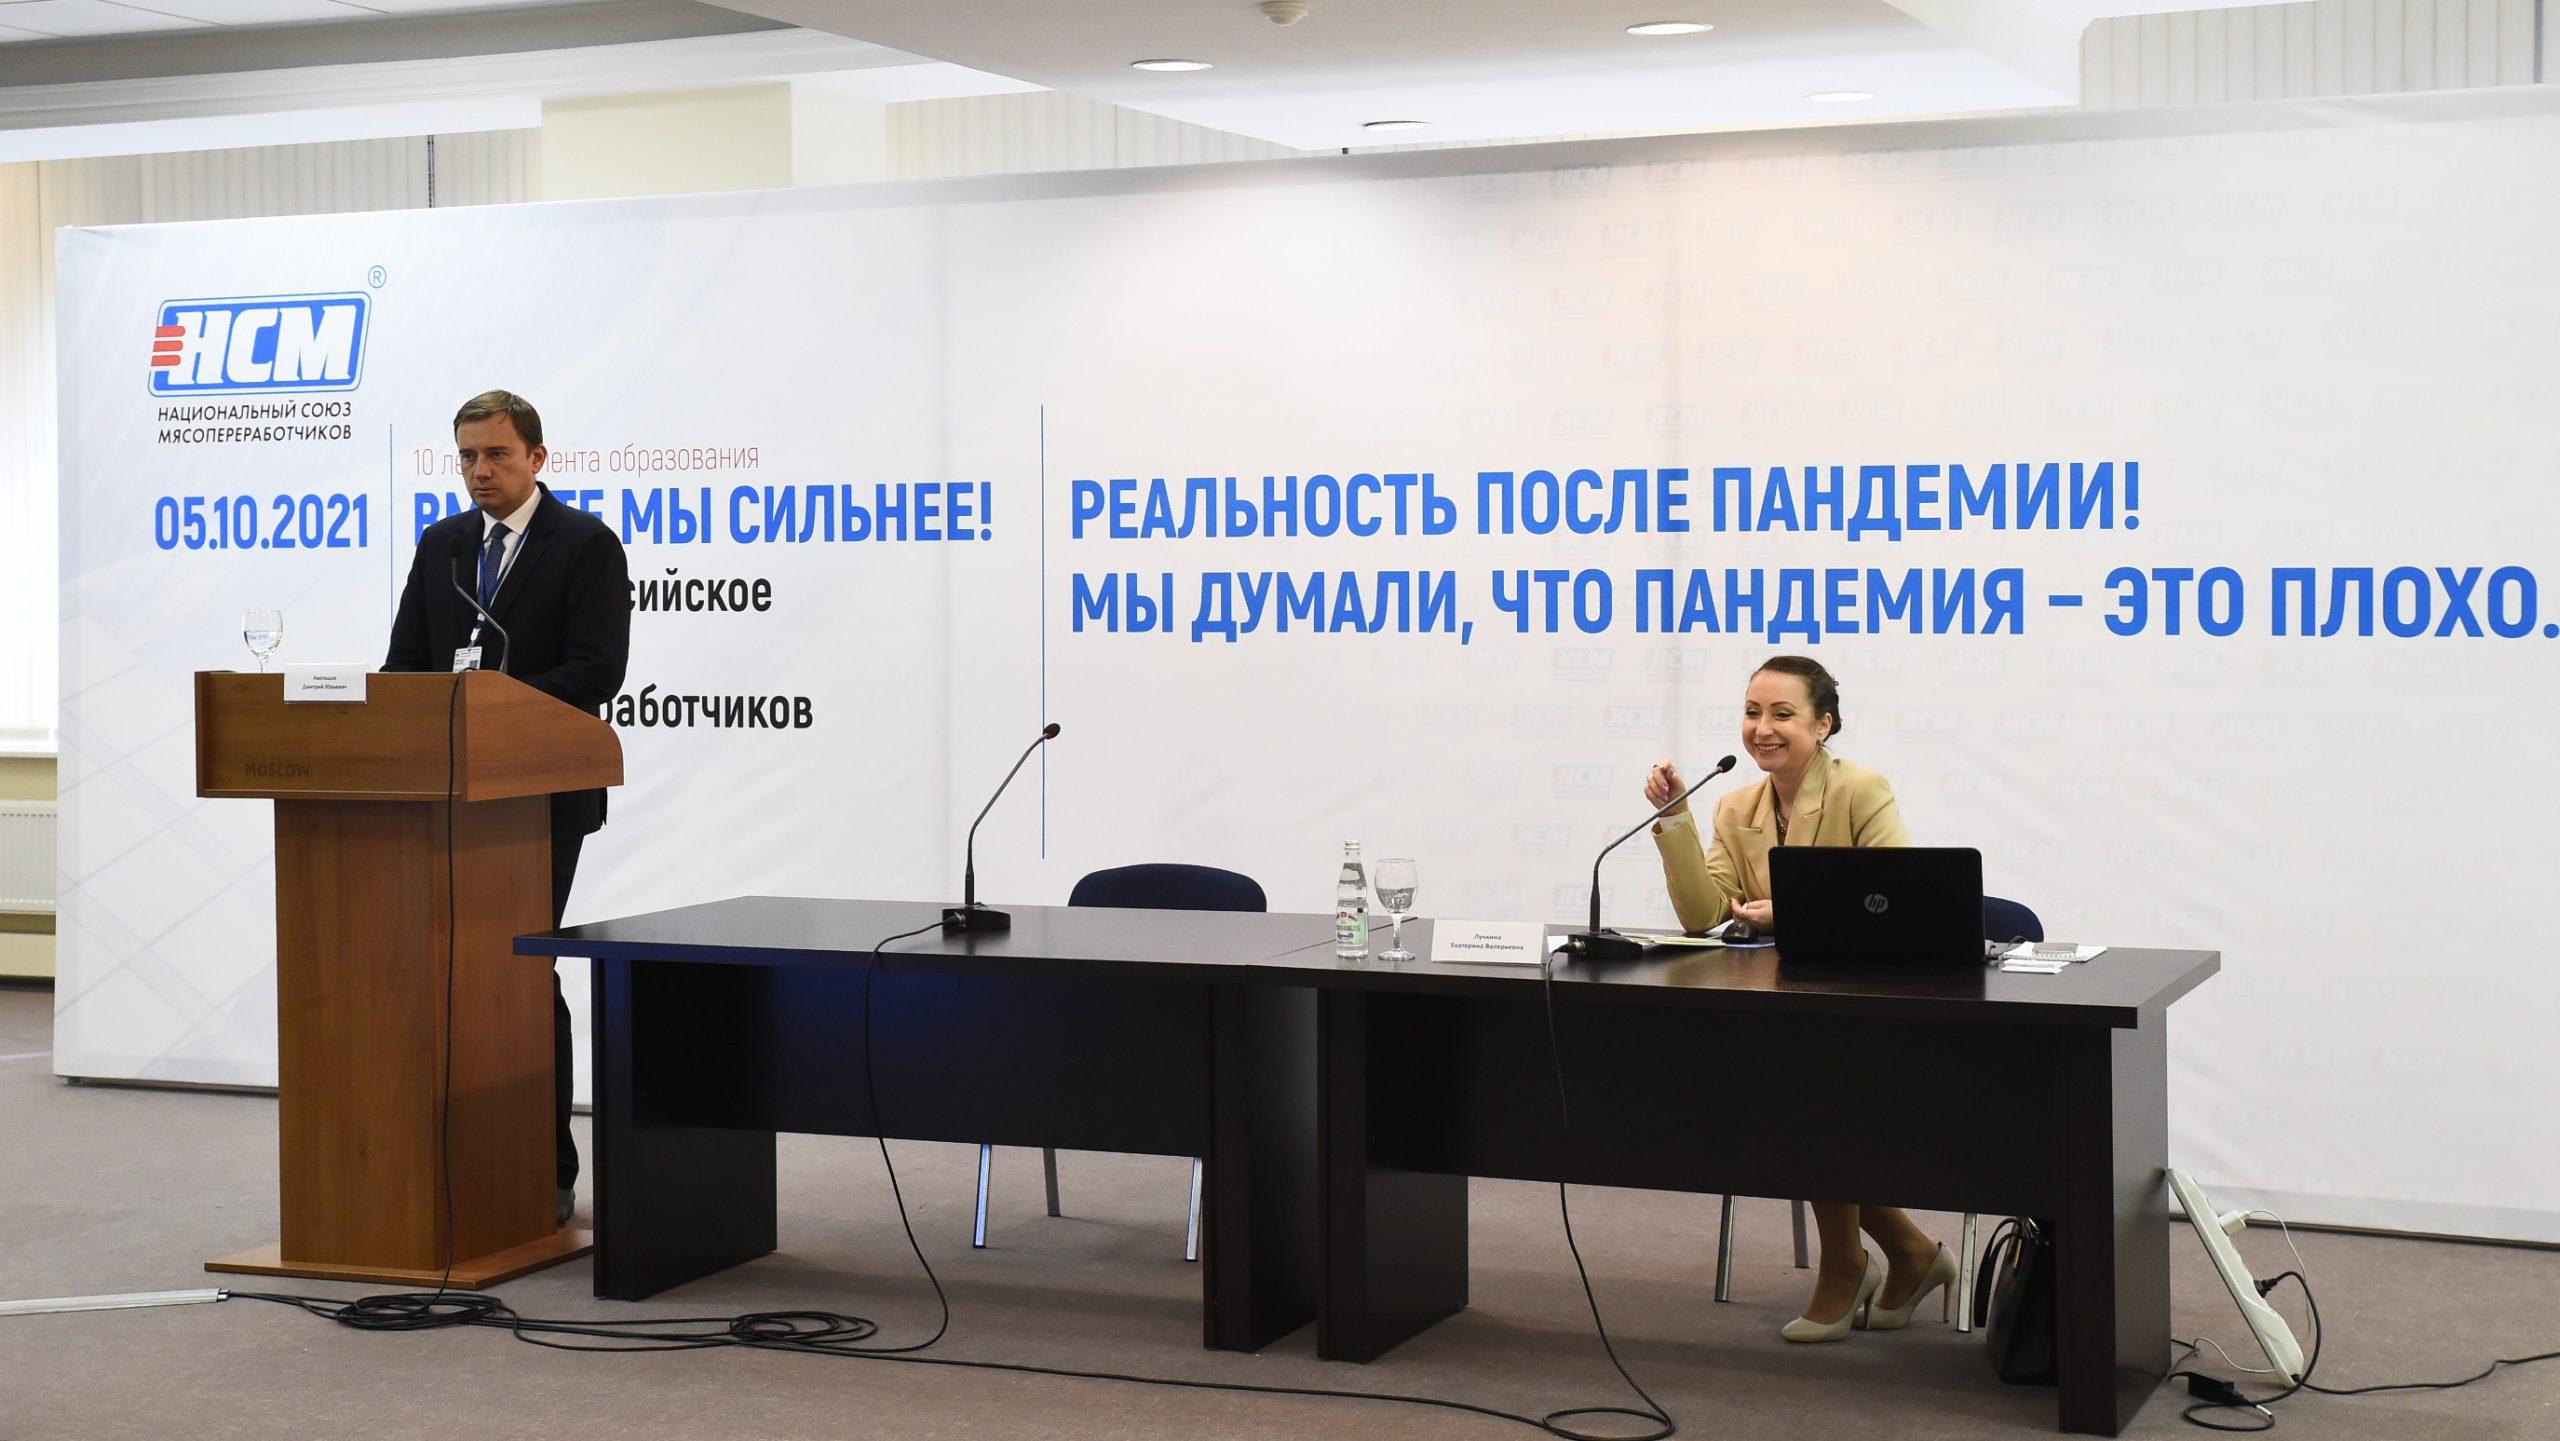 Отраслевые союзы пищепрома выбирают выставку «Агропродмаш» для проведения своих главных мероприятий